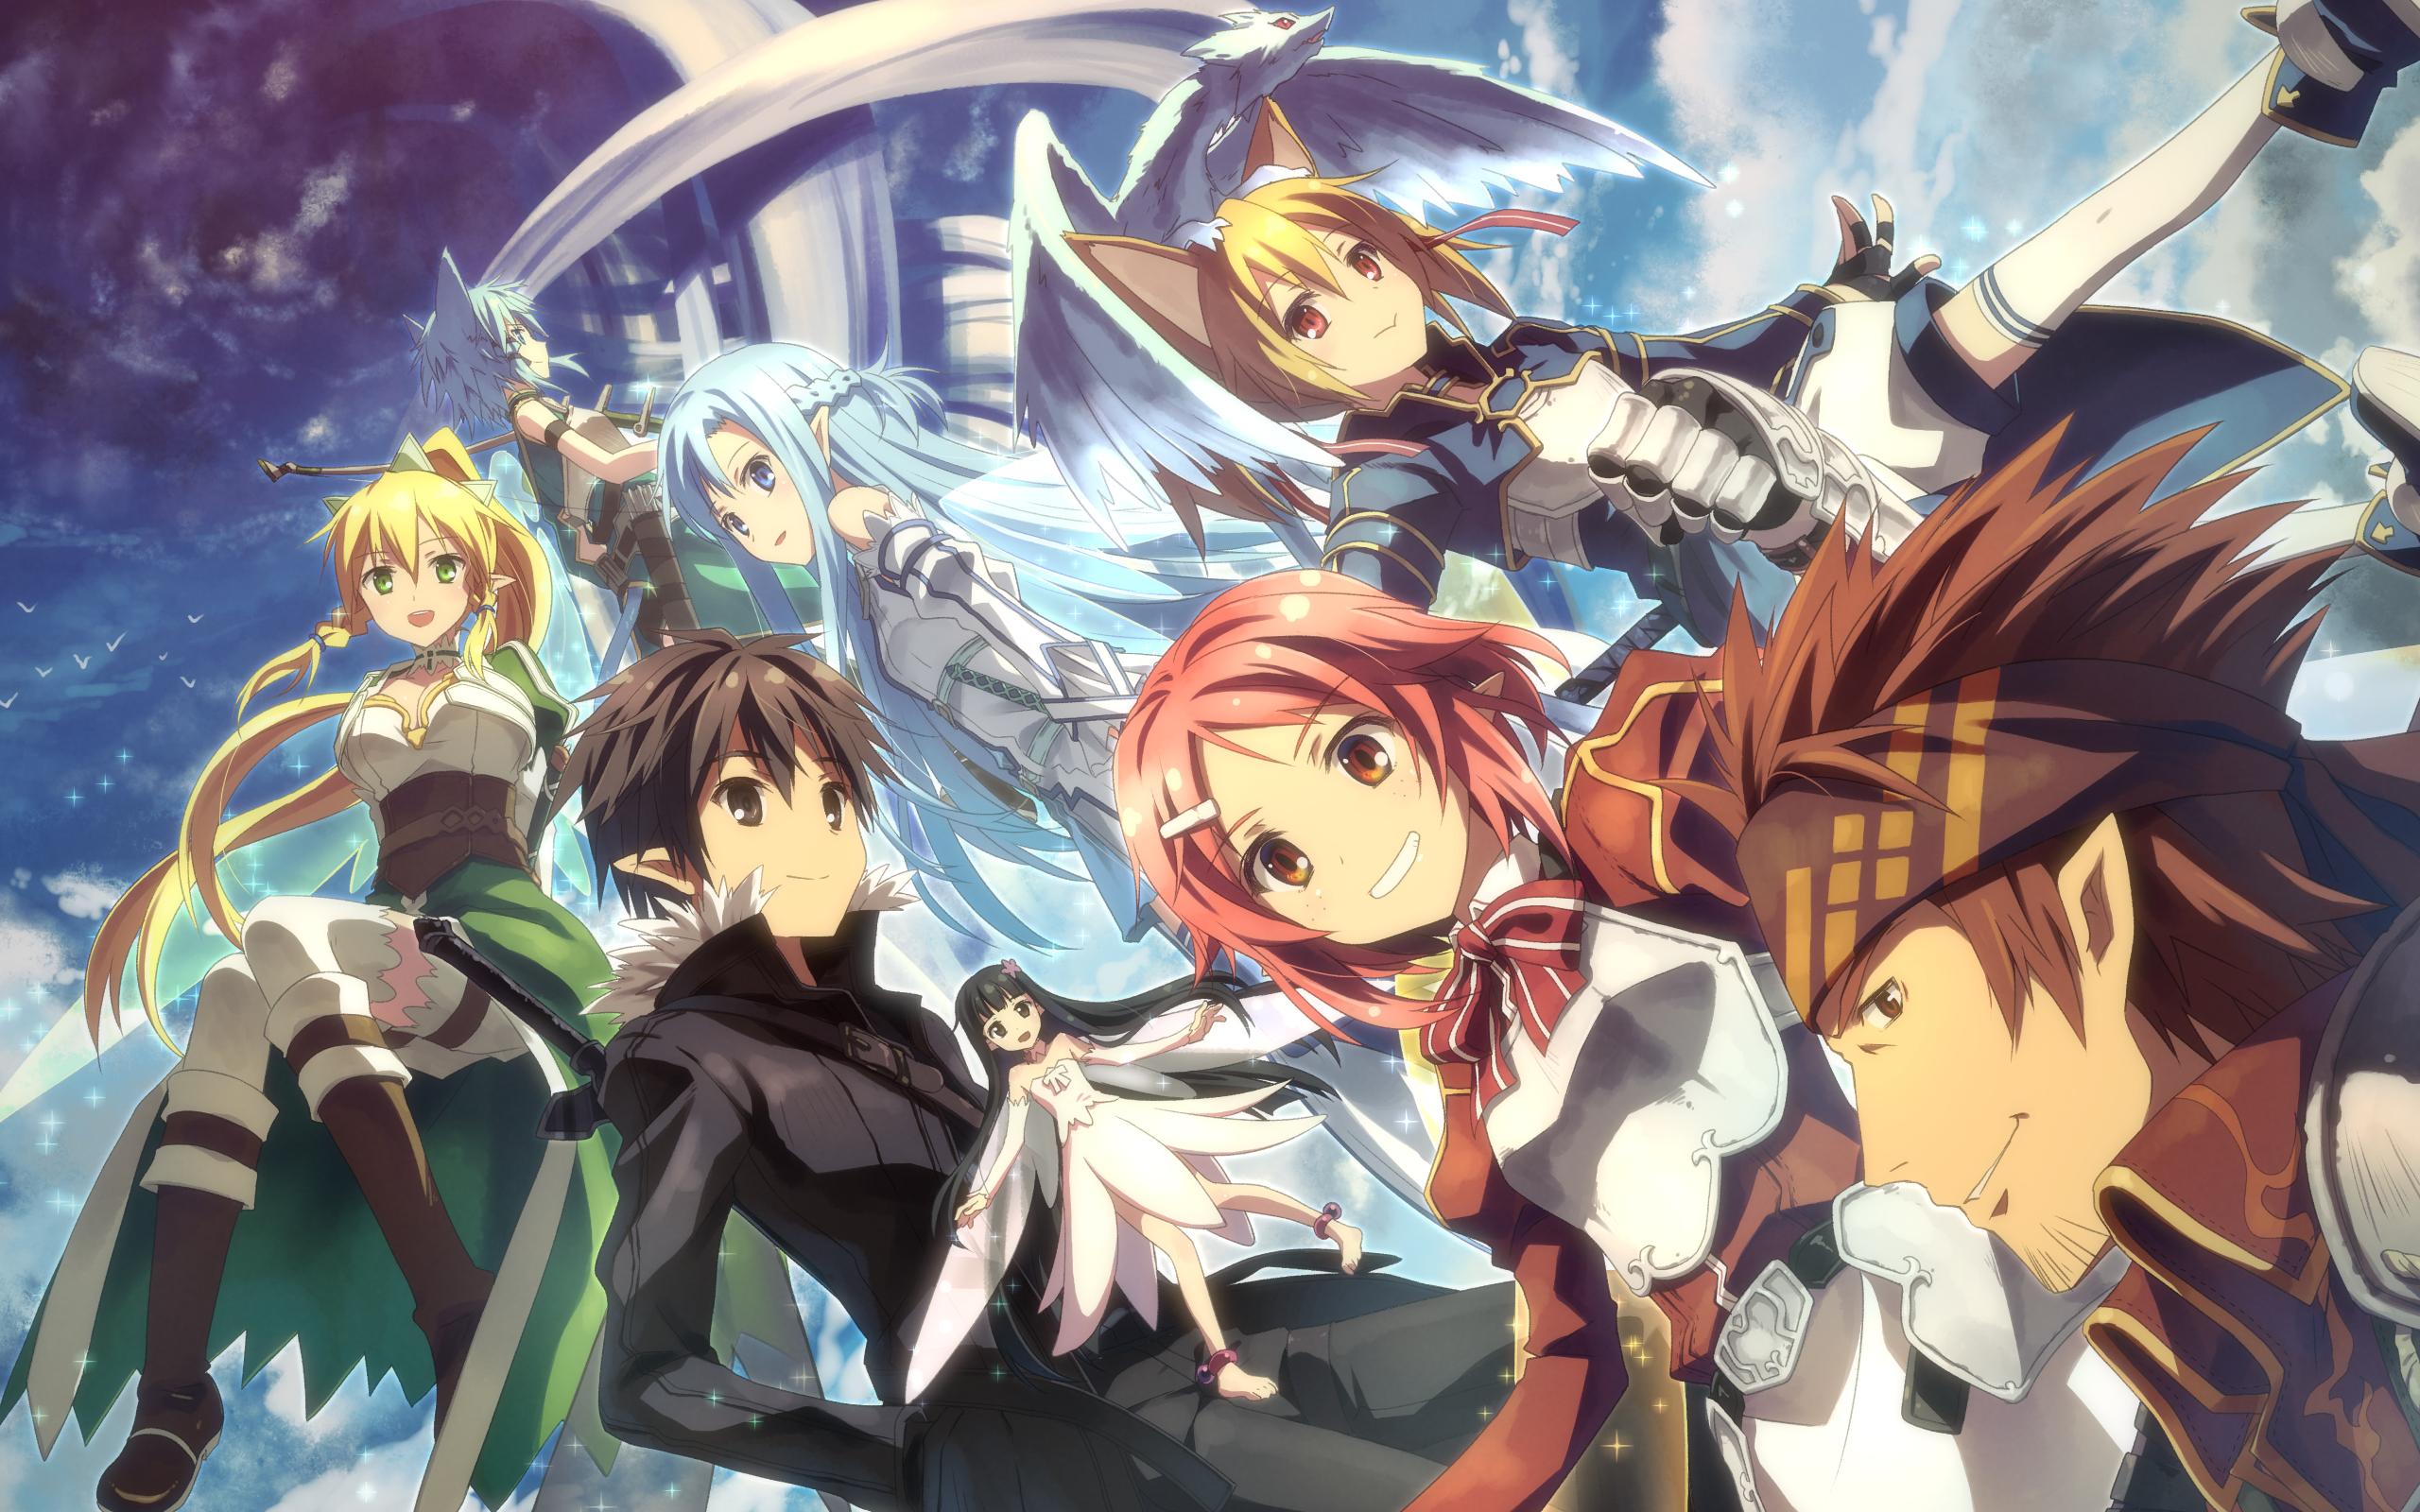 Wallpaper Sword Art Online II Grupo 3